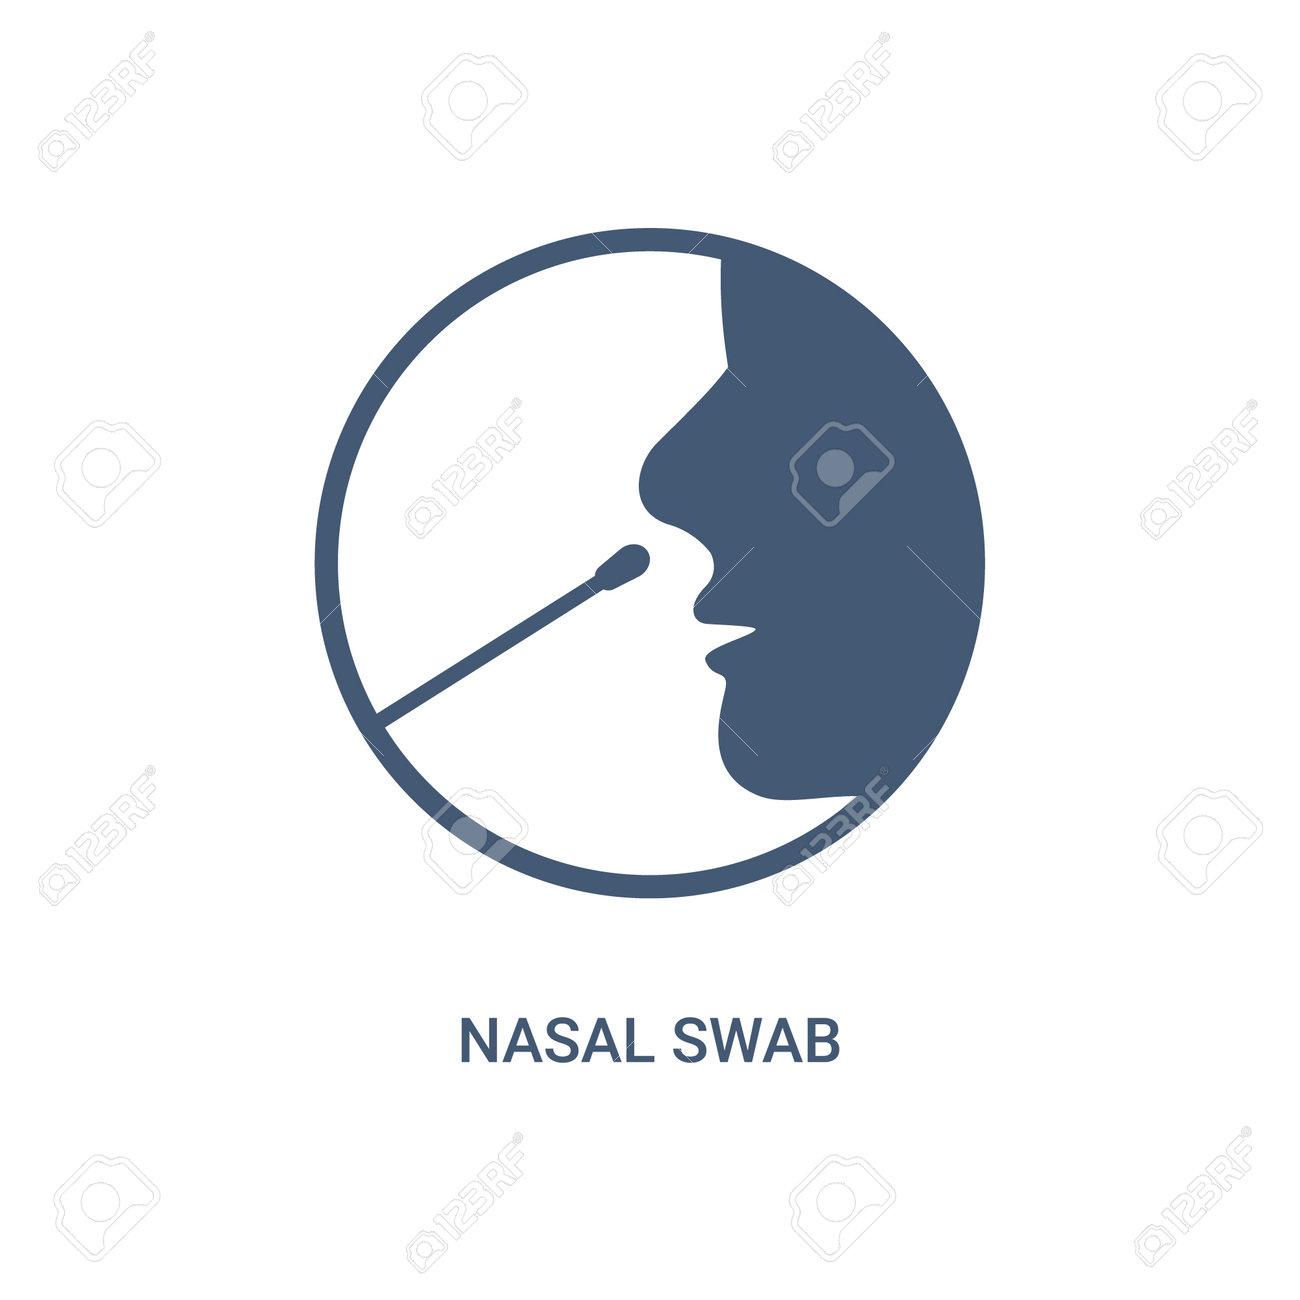 Covid nasal swab icon. Corona virus nasal pcr swab test line icon - 163994702